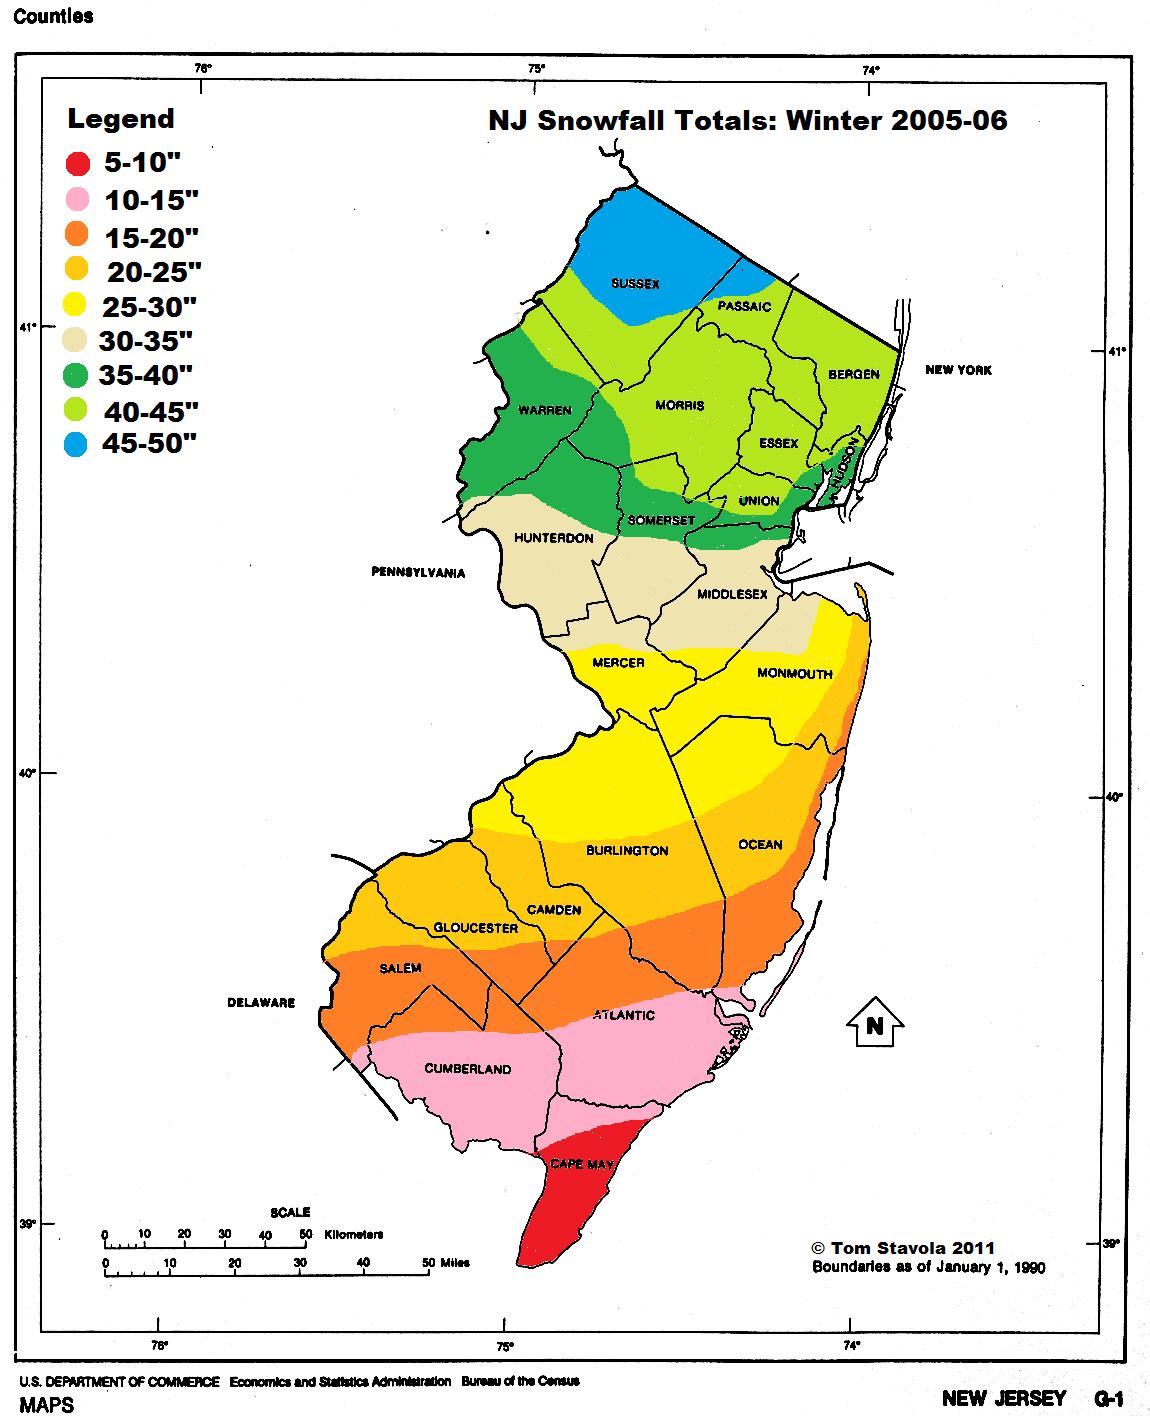 NJ snow totals 2005-06